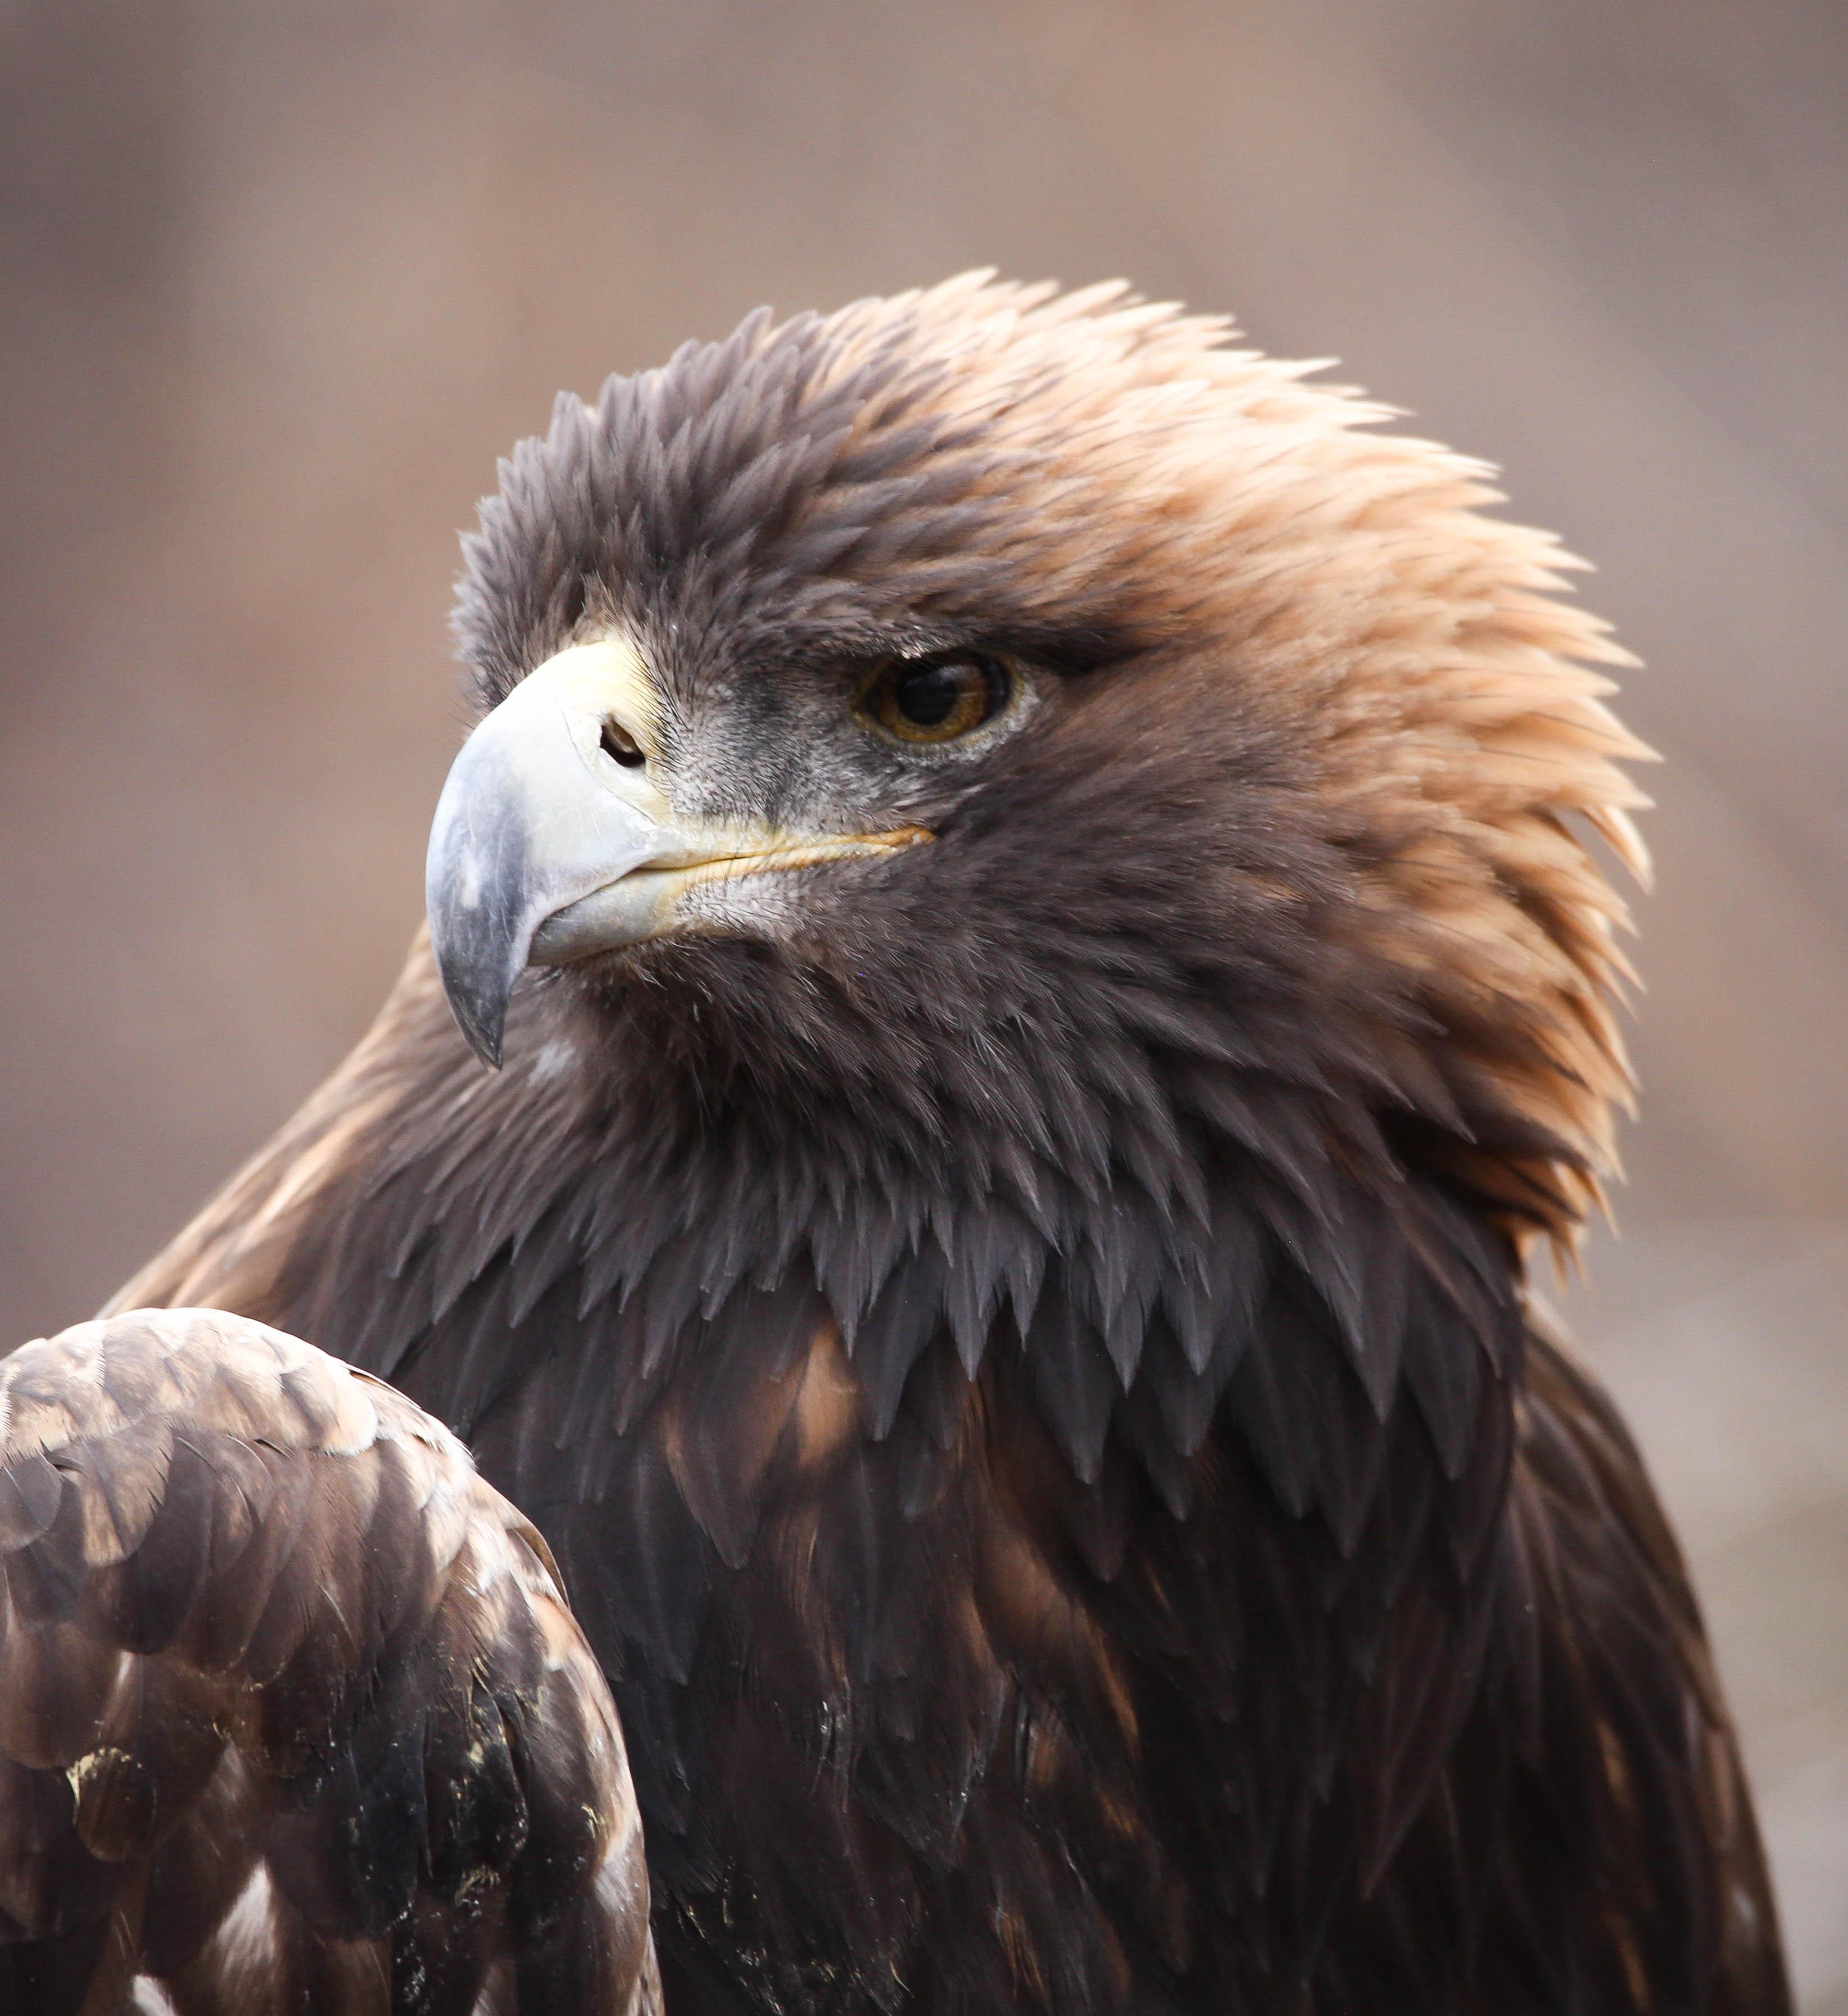 Filegolden Eagle 38549882626 Jpg